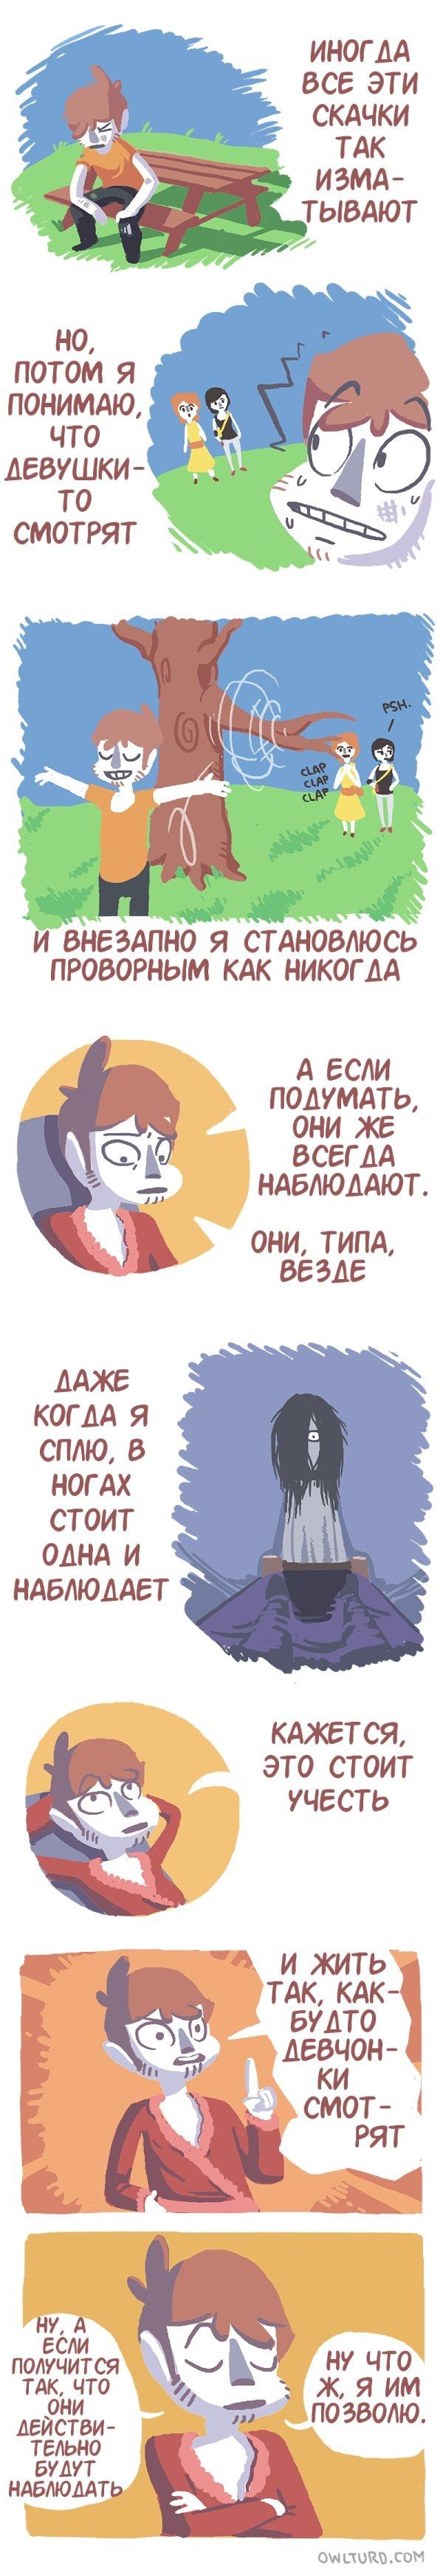 Комиксы дня 29.09.2014 (14 картинок)